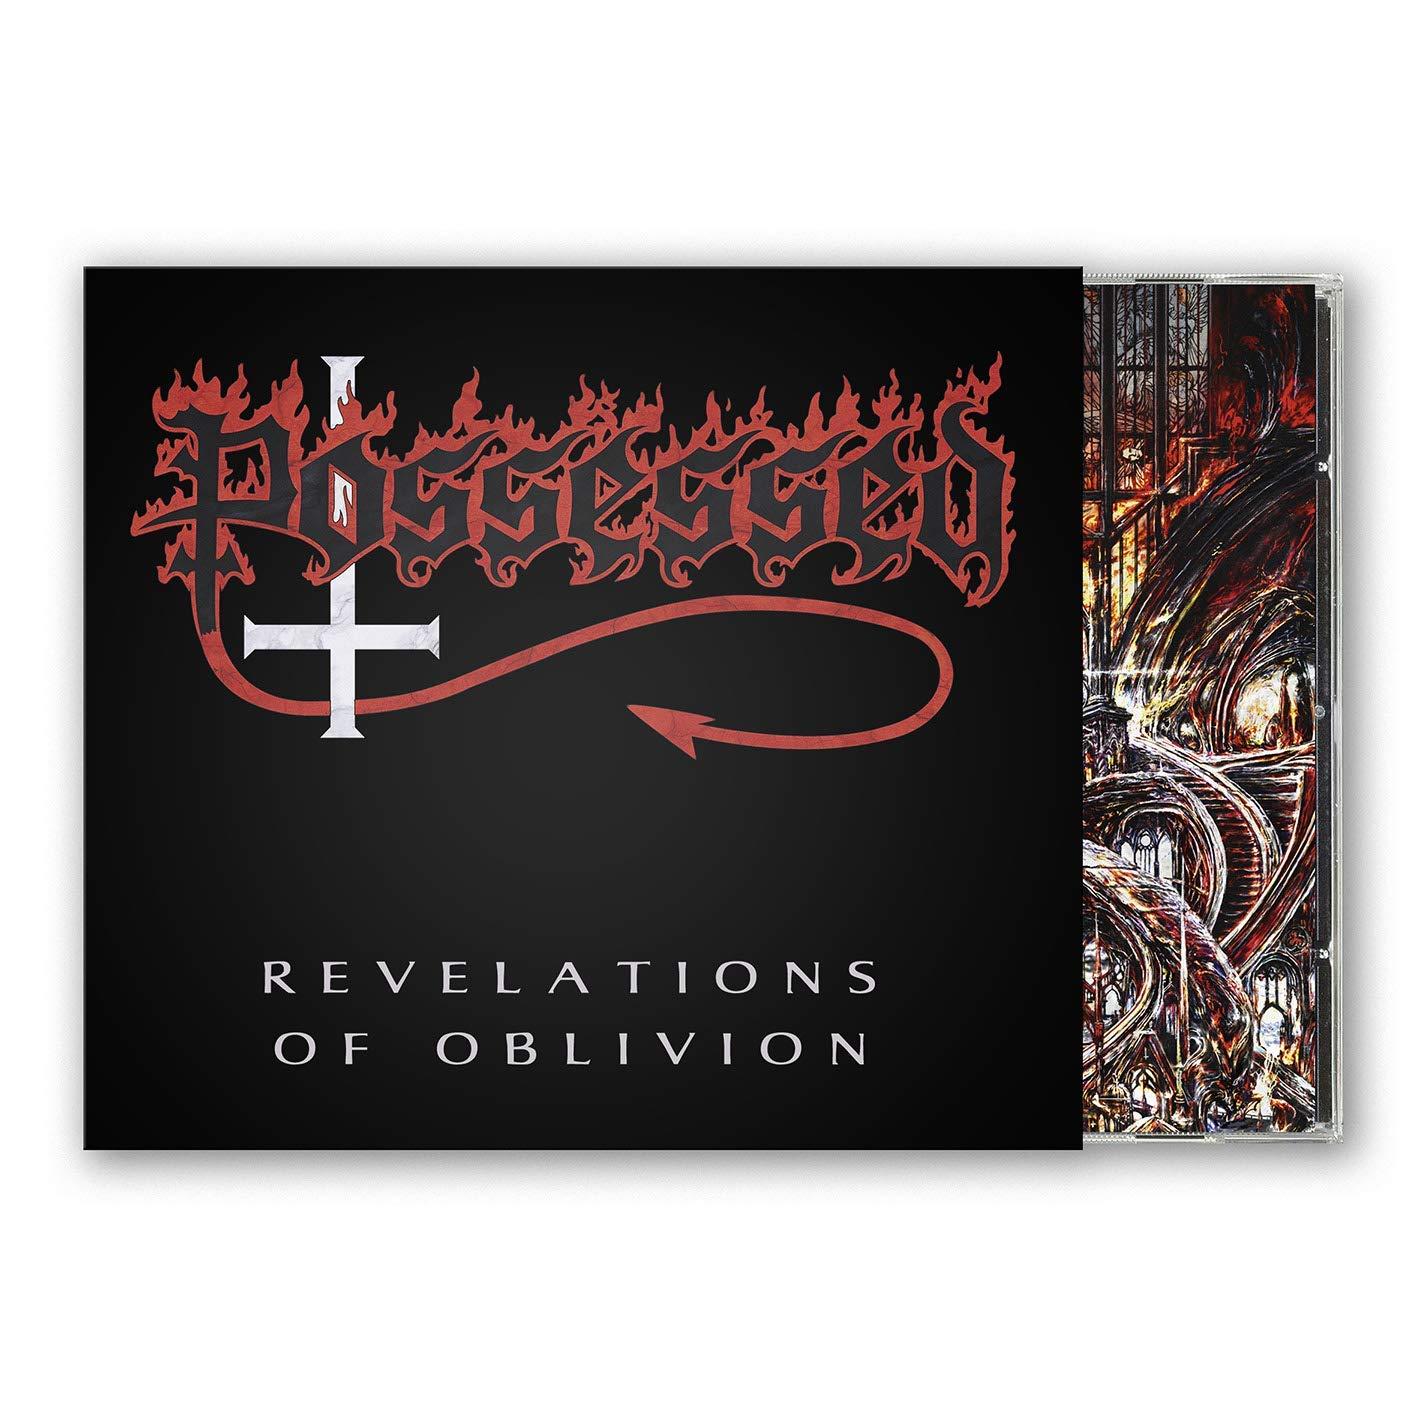 POSSESSED - REVELATIONS OF OBLIVION (CD)